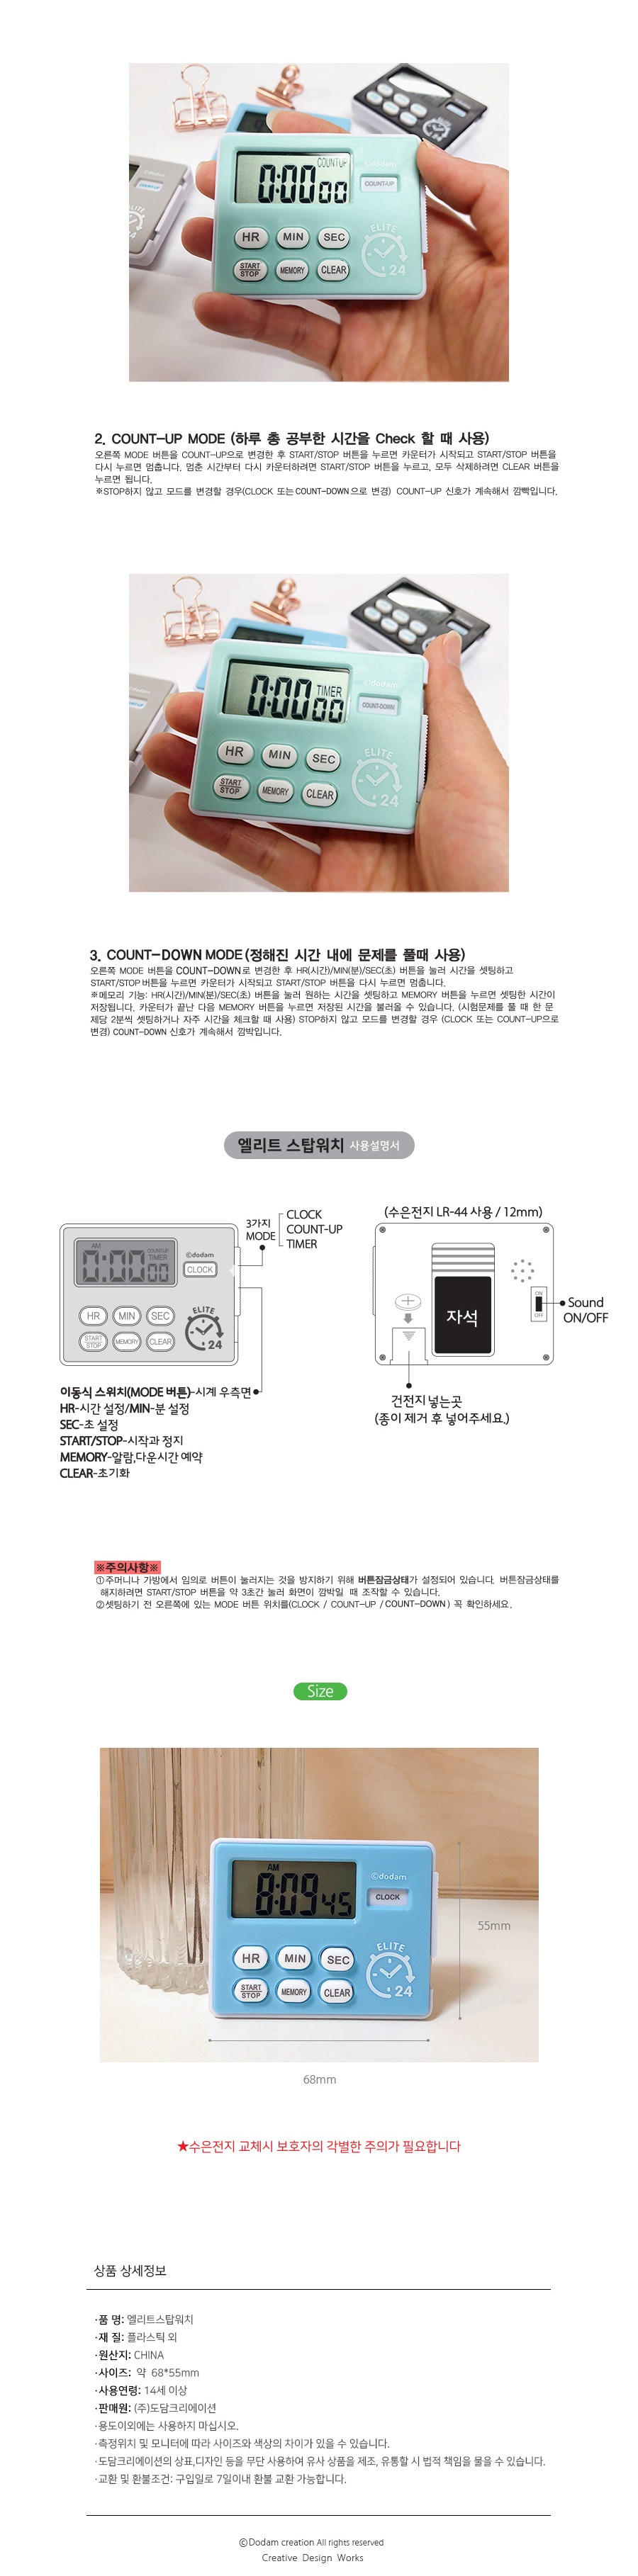 6000 엘리트 스탑워치 9104 - 도담크리에이션, 5,000원, 알람/탁상시계, LED/디지털시계